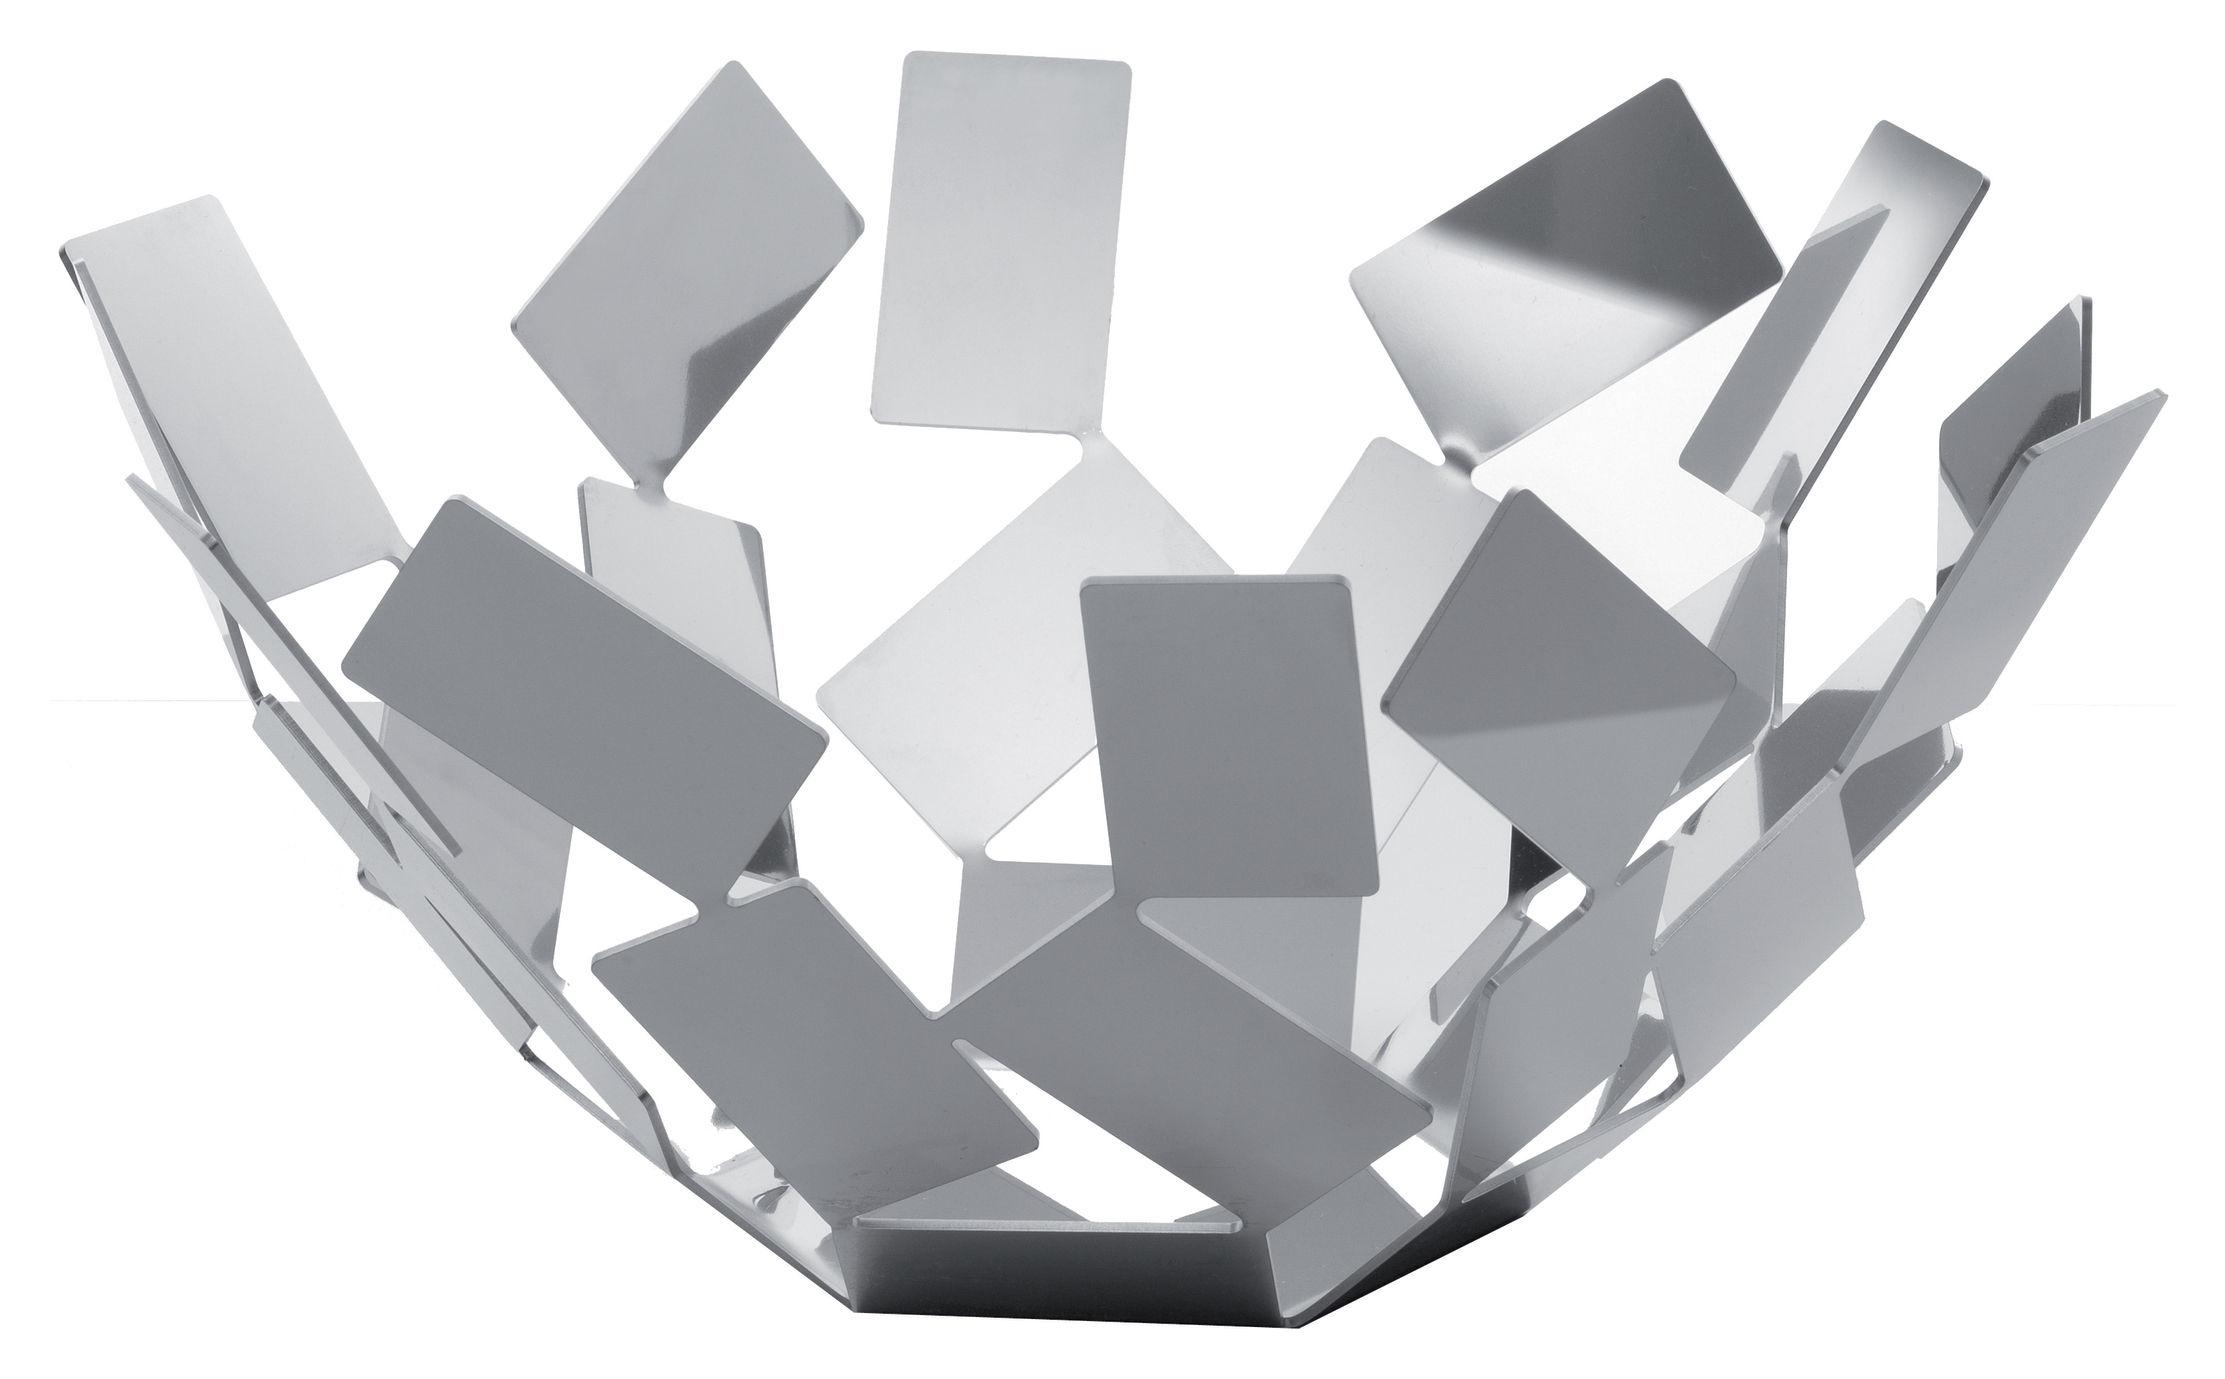 Accessori moda - Accessori bagno - Cesto La Stanza dello Scirocco - Ø 27 cm x h 13 cm di Alessi - Acciaio lucido - Acciaio inossidabile lucido